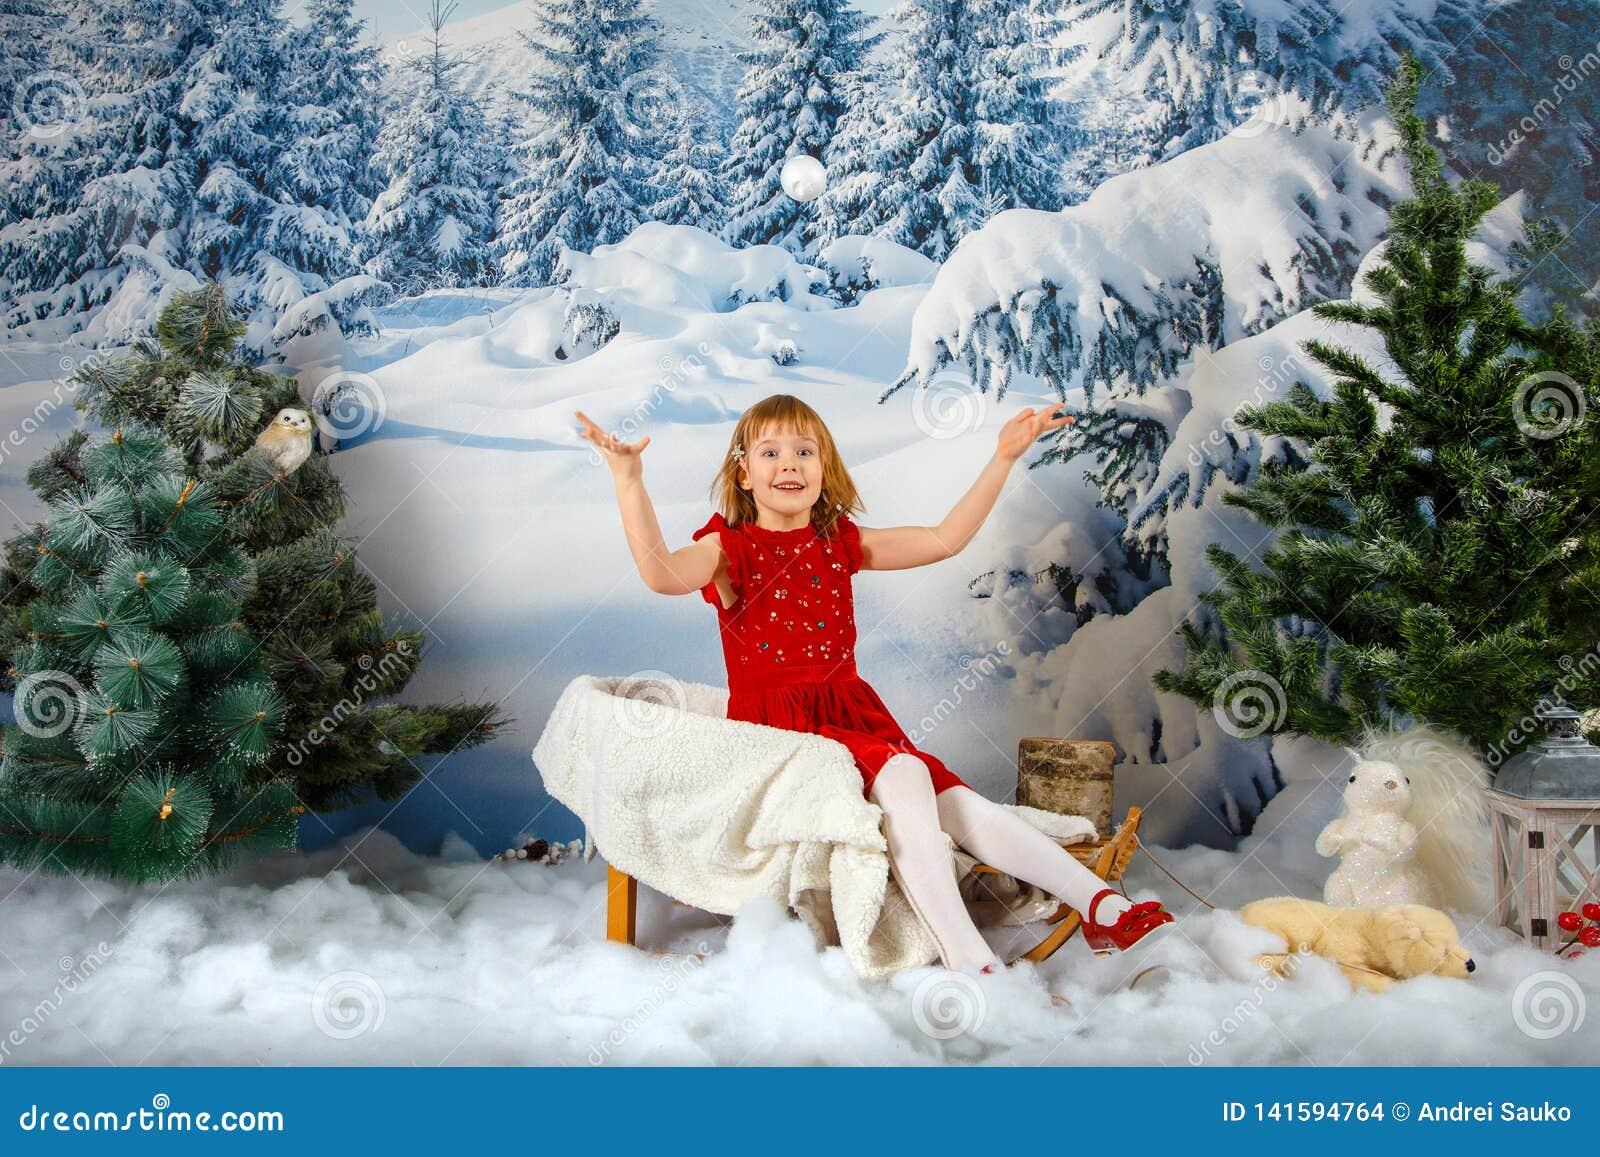 冬天森林的背景的女孩